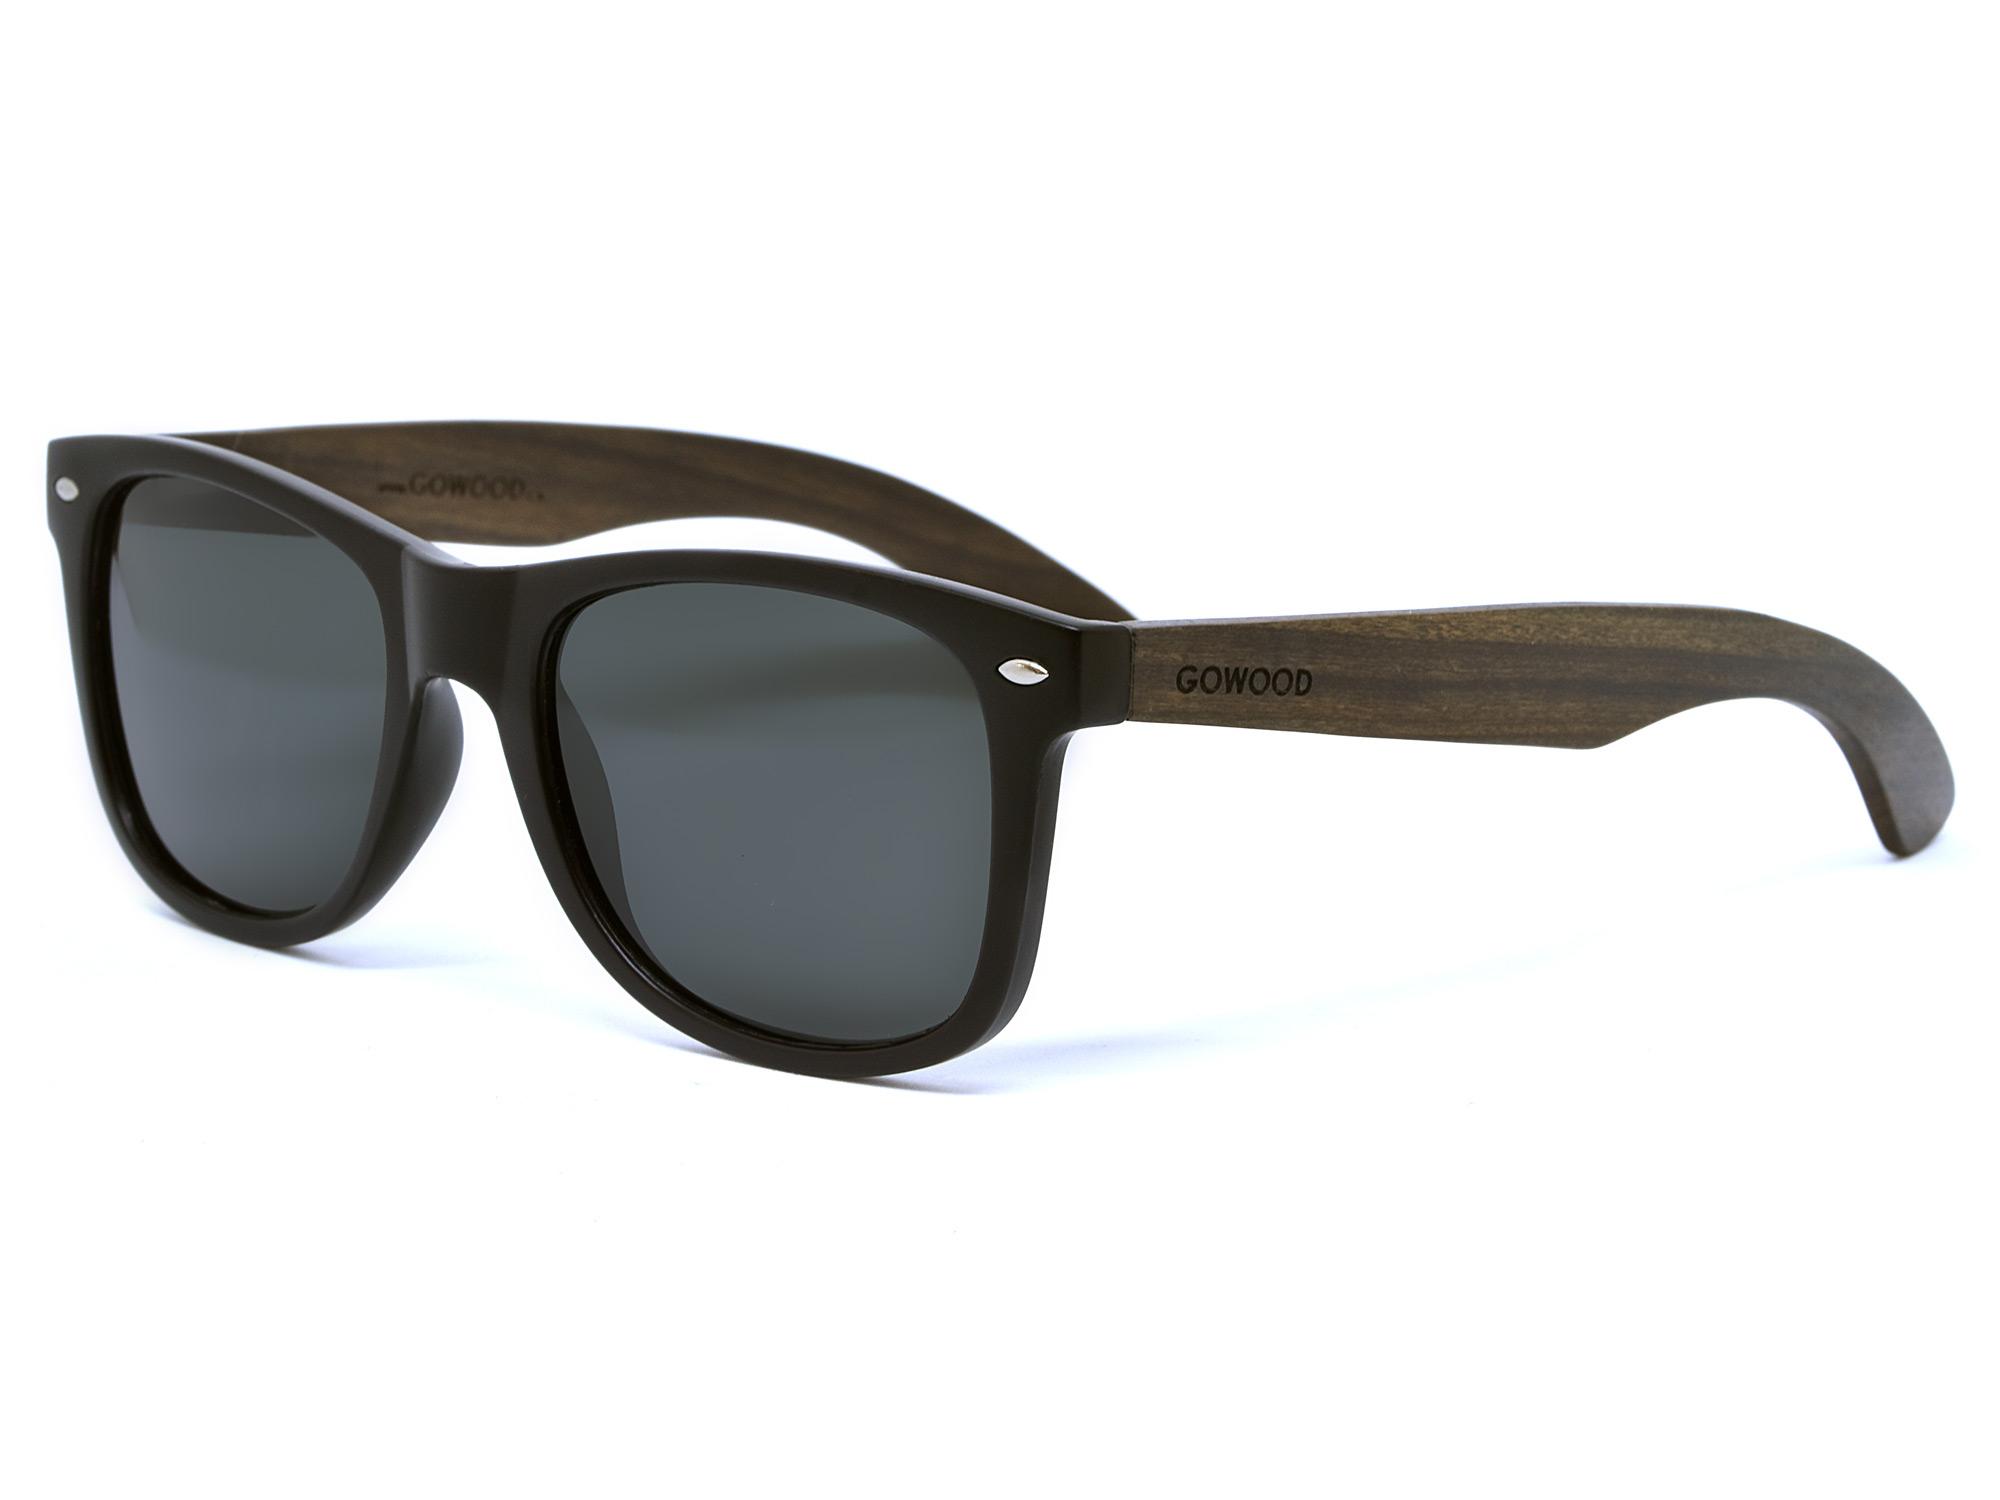 Ebony wood sunglasses wayfarer style with black polarized lenses